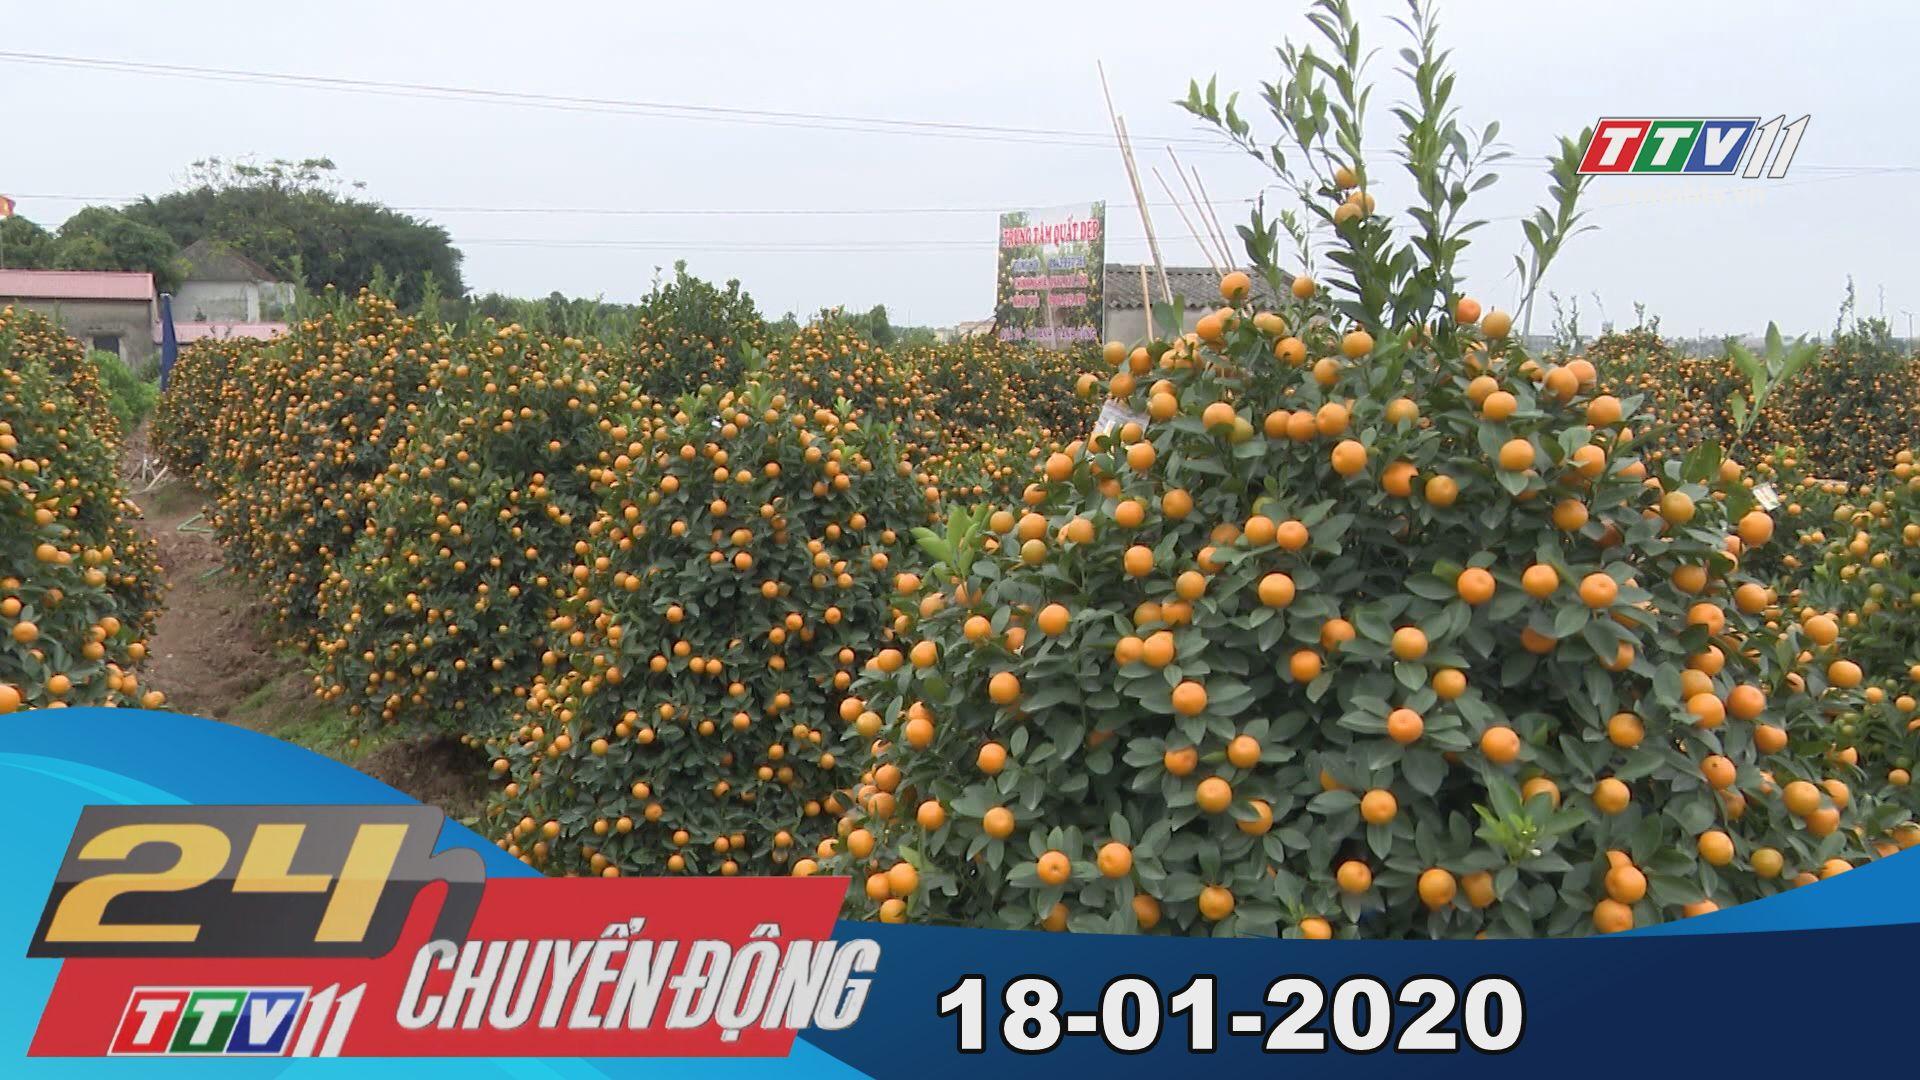 24h Chuyển động 18-01-2020 | Tin tức hôm nay | TayNinhTV